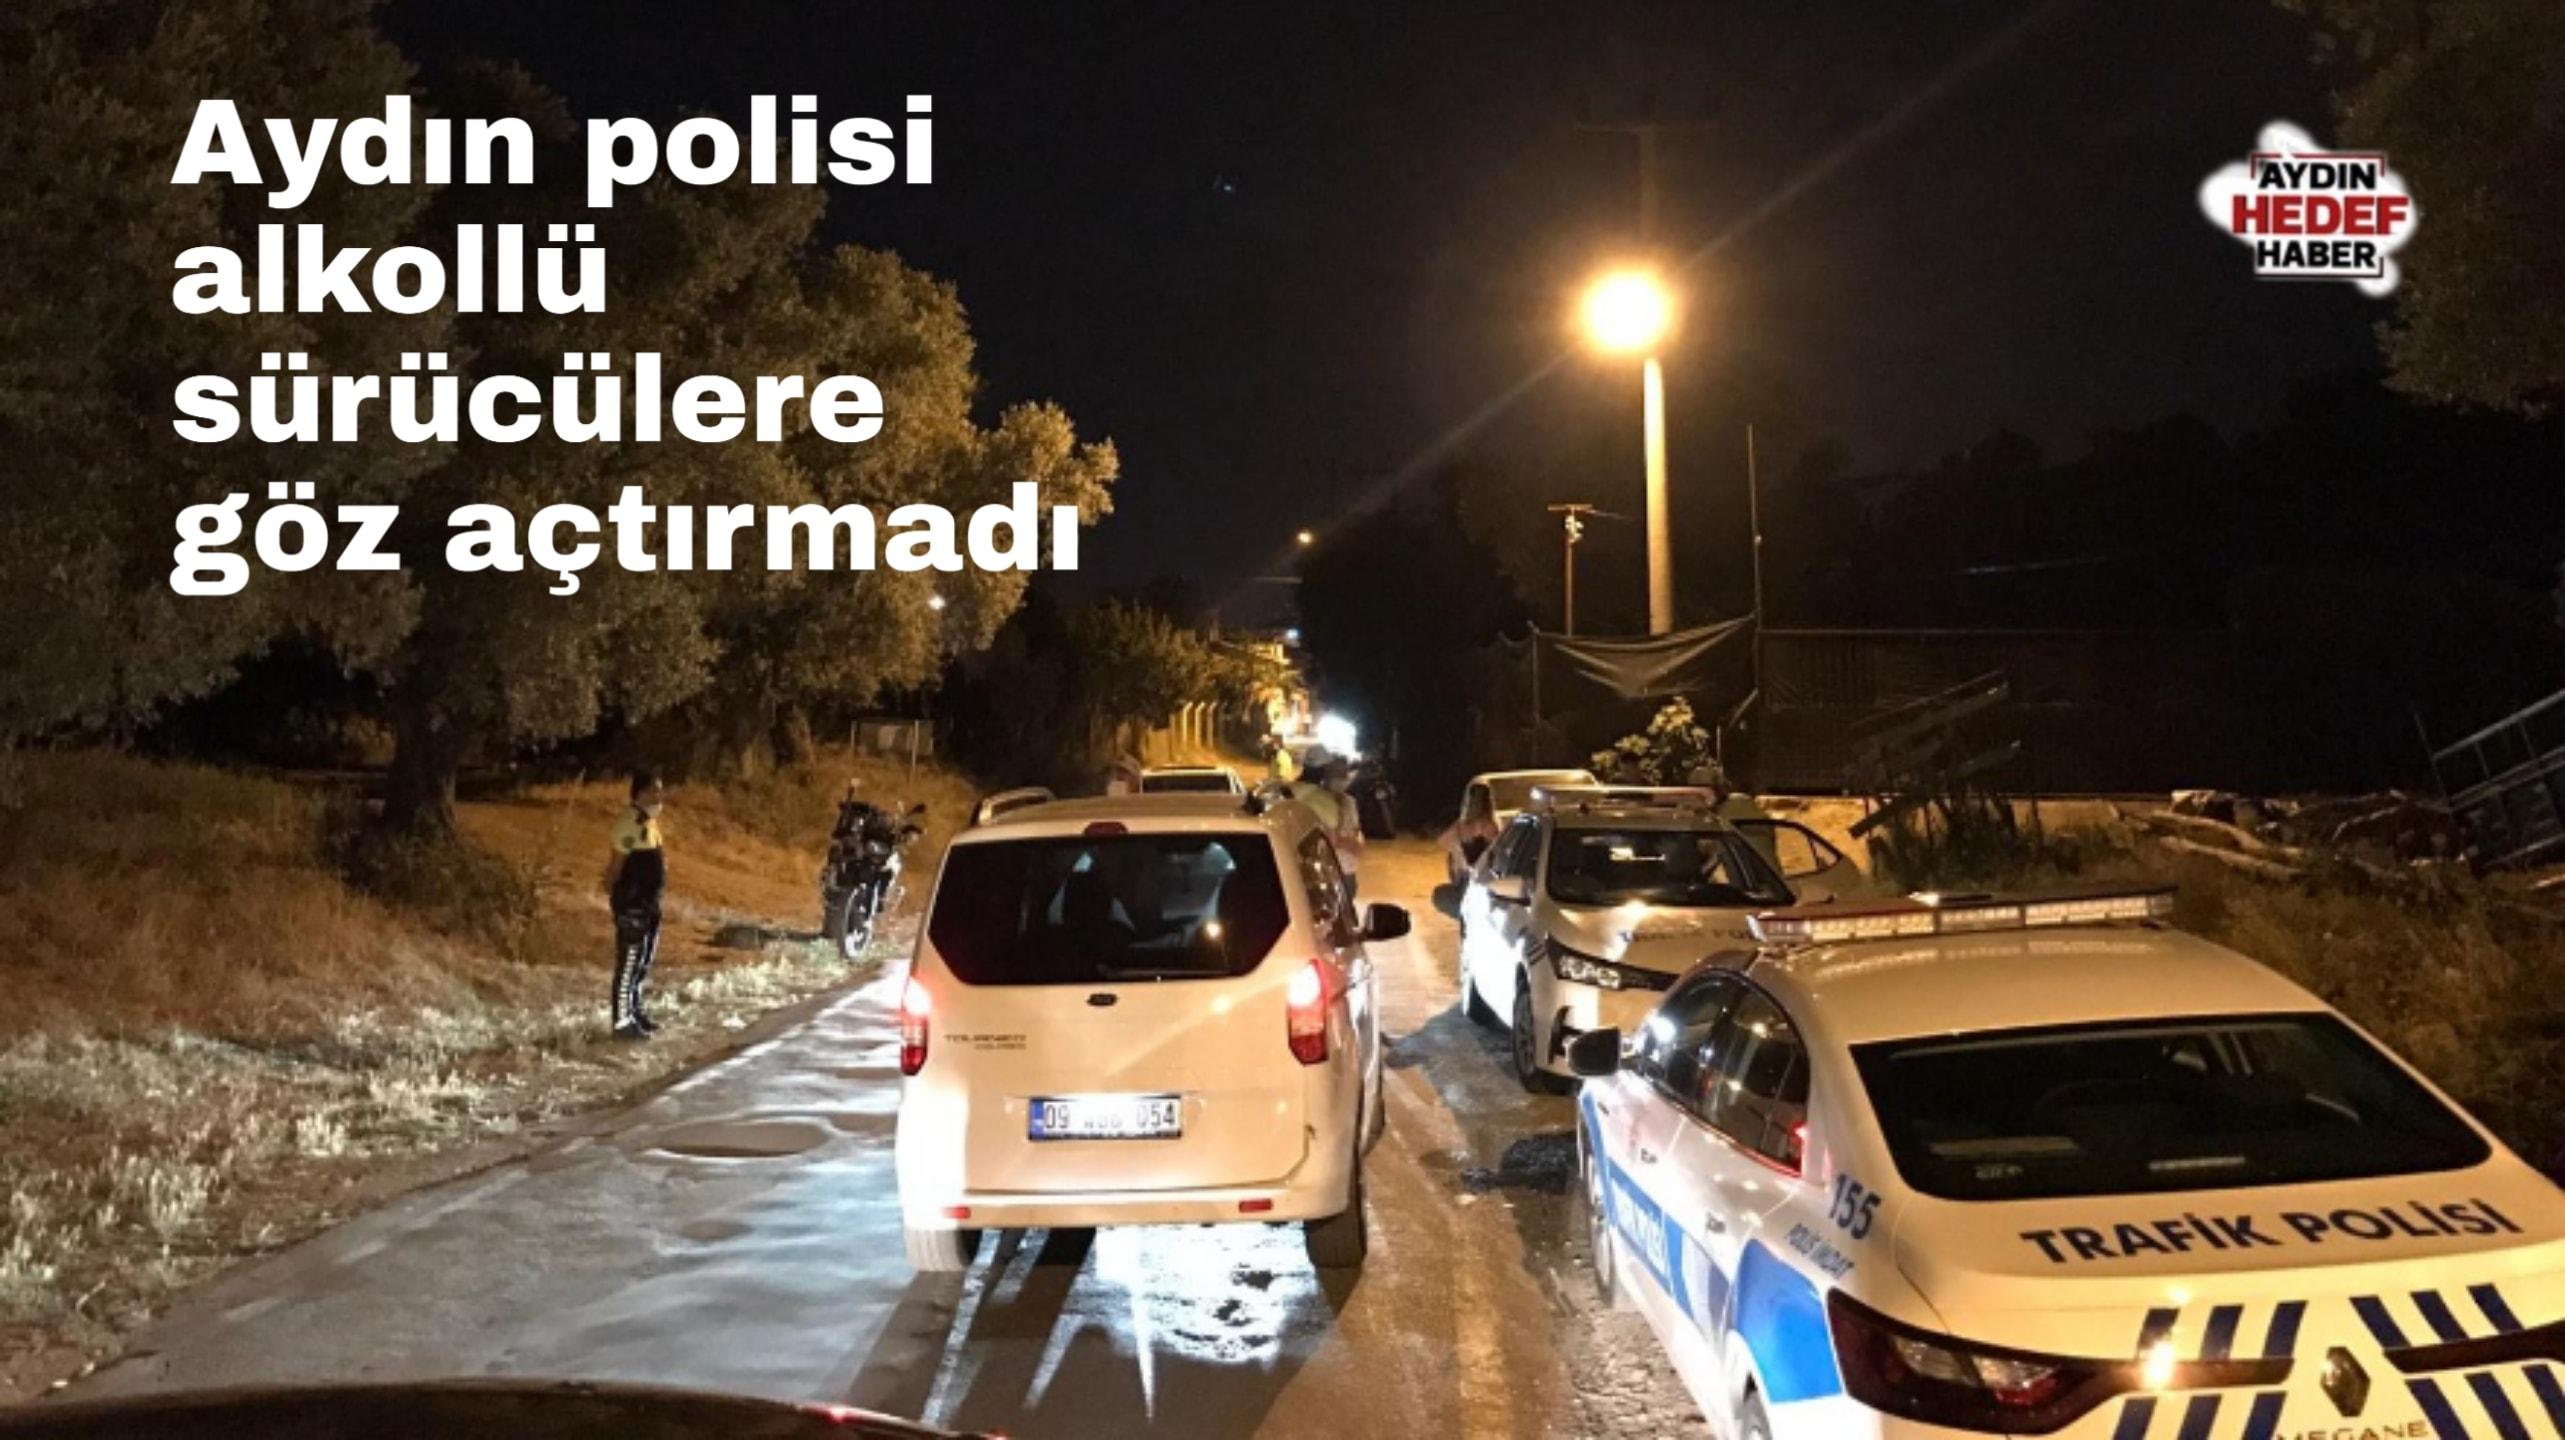 Aydın polisi alkollü sürücülere göz açtırmadı